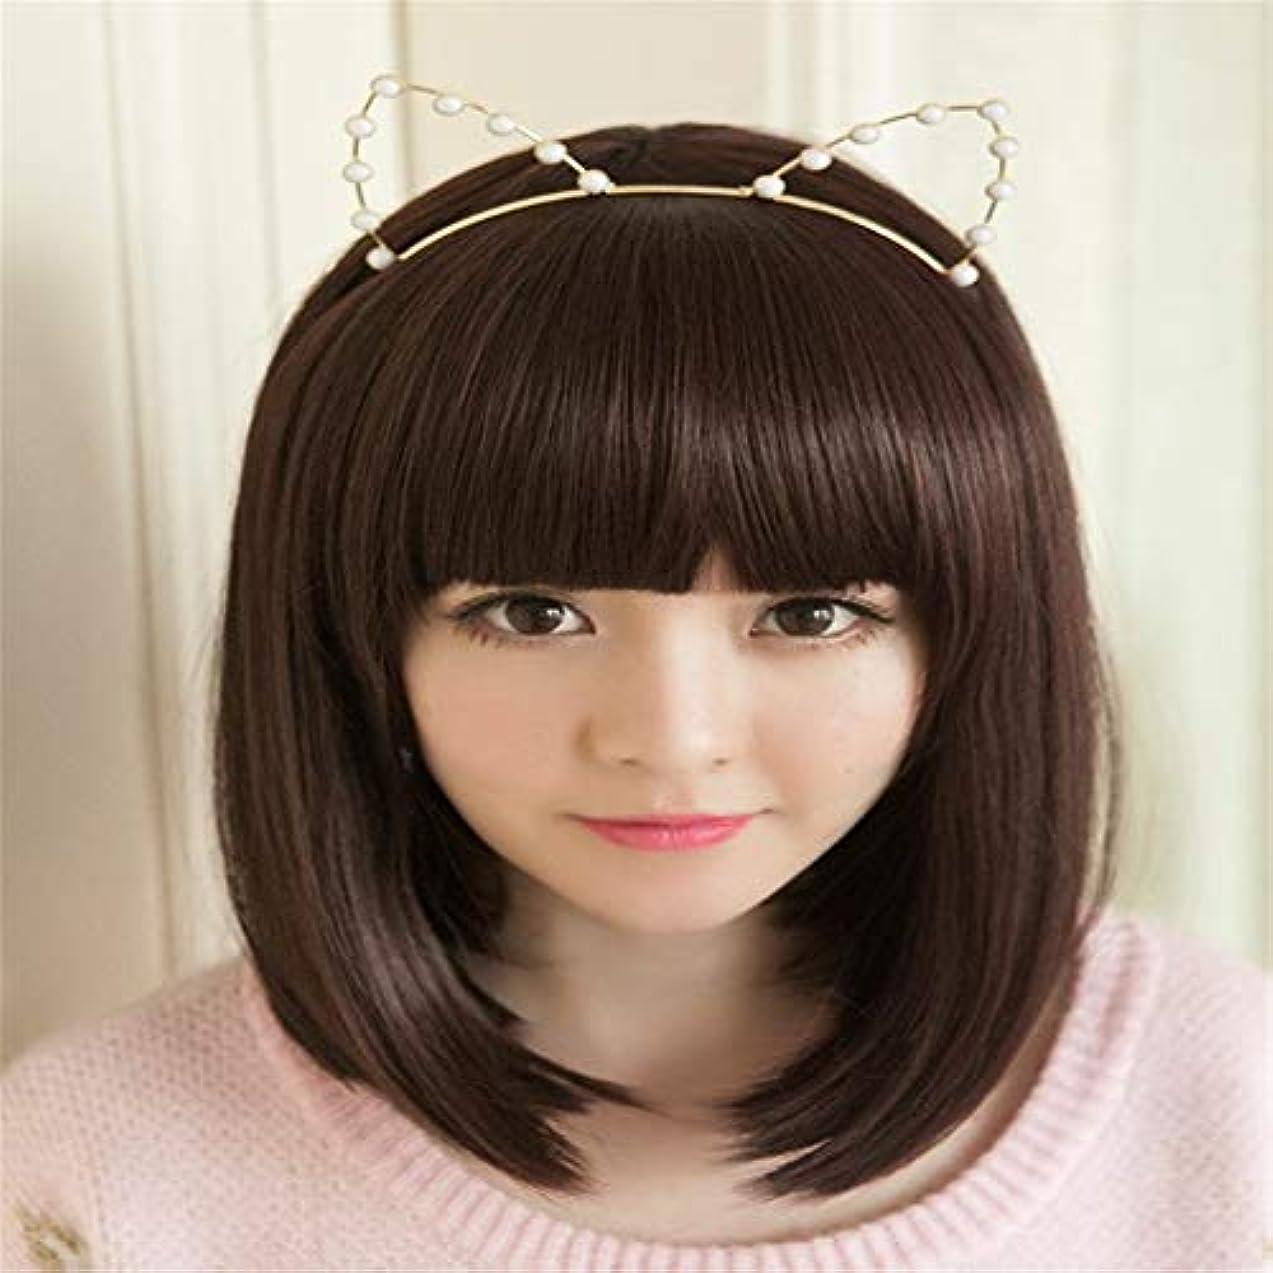 電気的乱用レンチウィッグの女性の短い髪ボボヘッド短い髪チーLiuhai化学繊維ウィッグセット,2